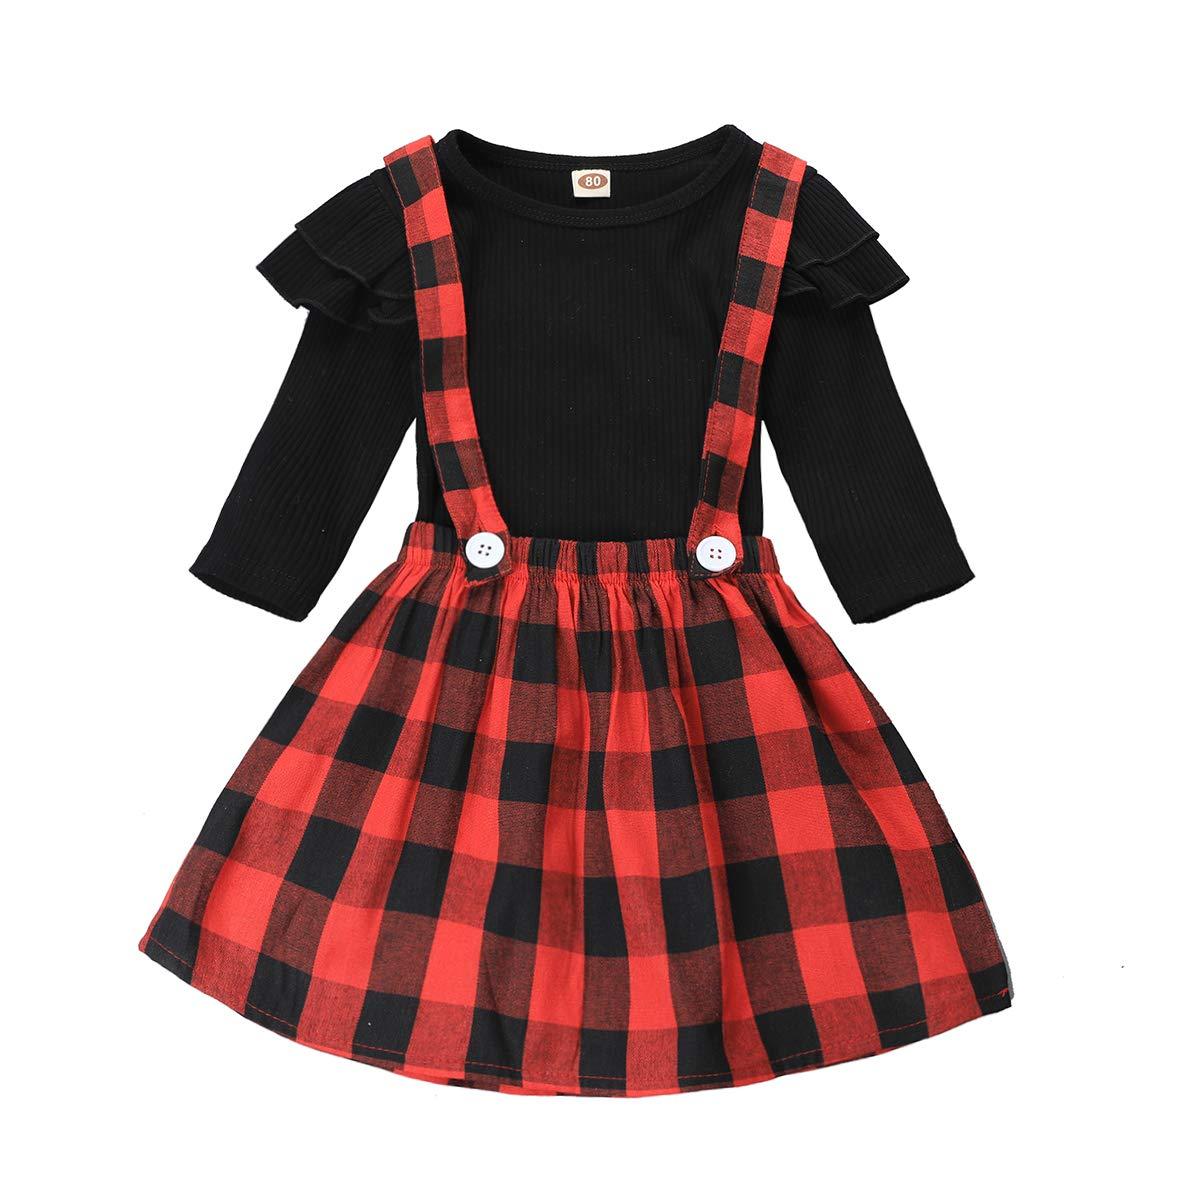 Polka Dot Overall Dress Bow Polka Dot Skirt Set Baby Girls Skirts Set Ruffle Cloth